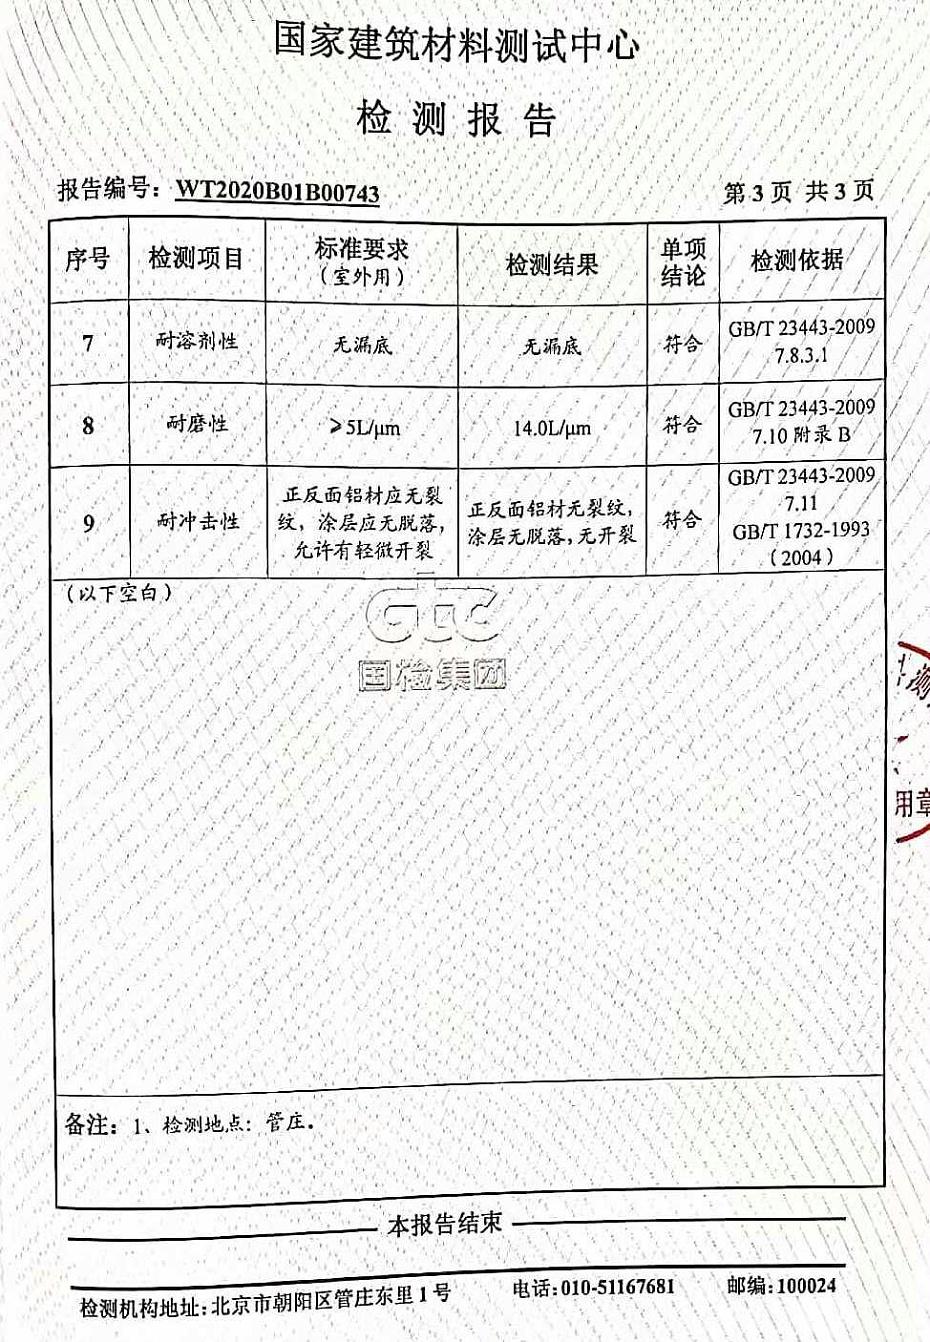 陶瓷涂料检测报告4